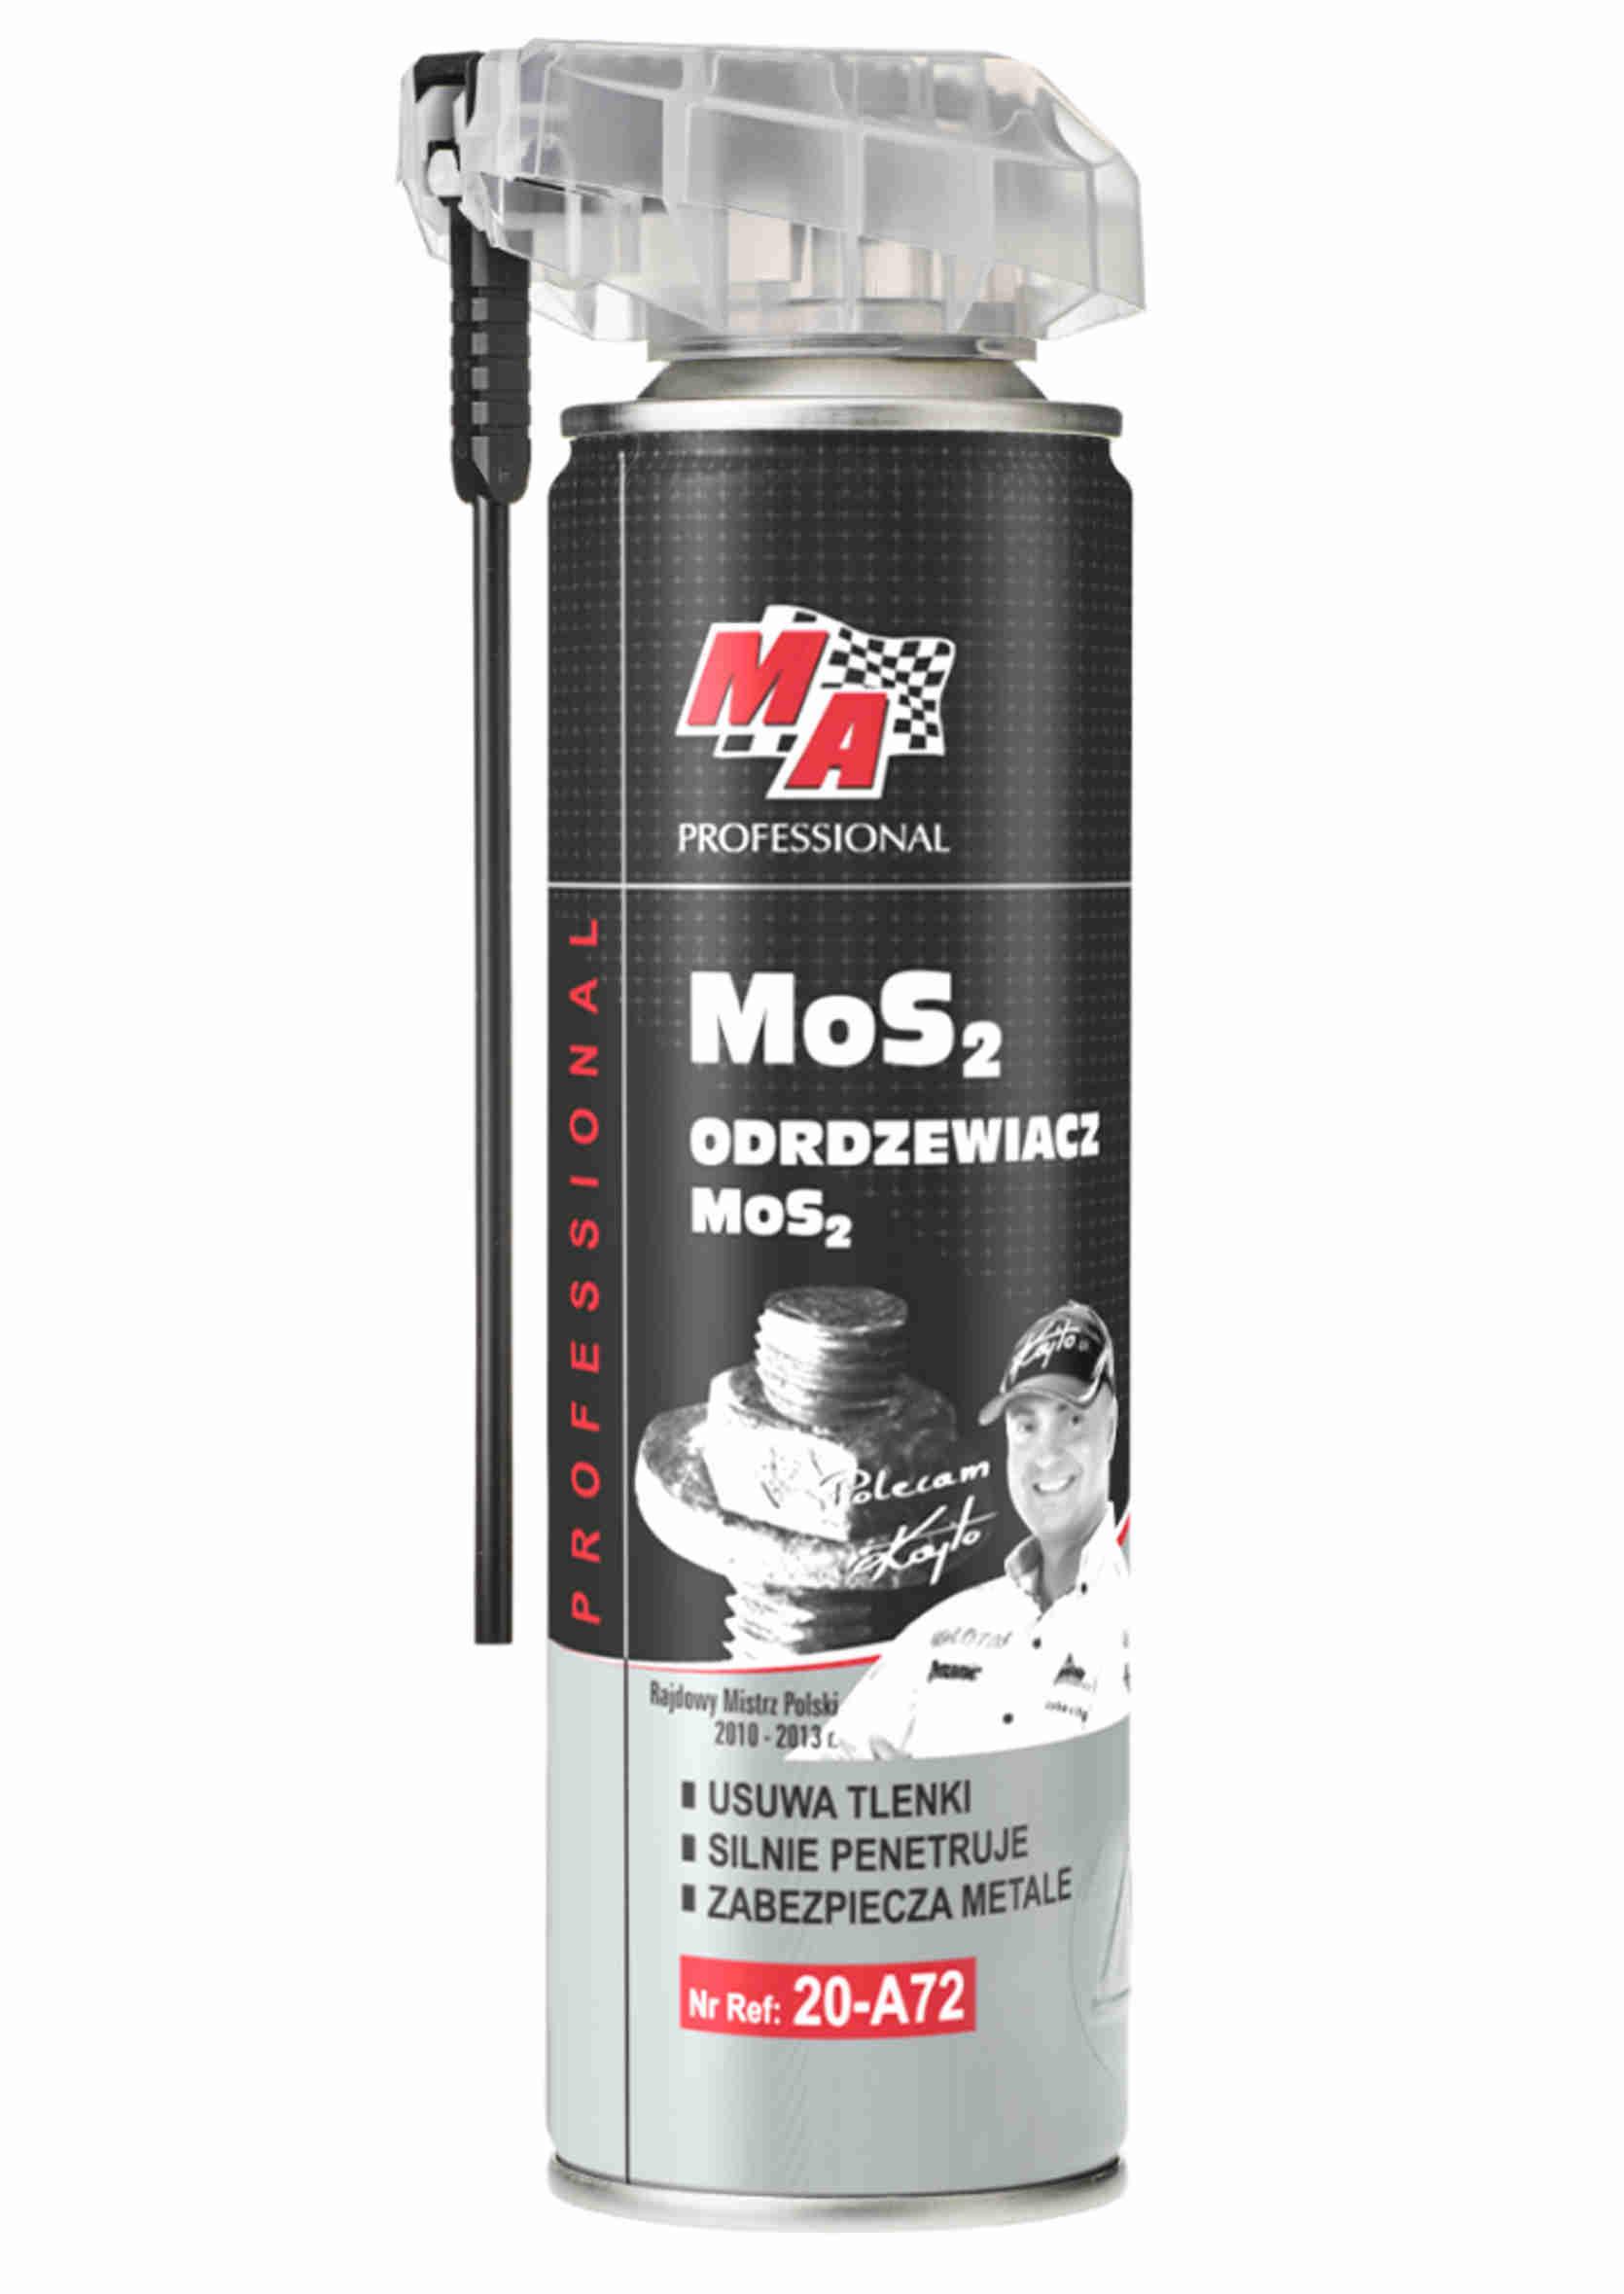 MA Professional Odrdzewiacz MoS2 250ml z Aplikatorem